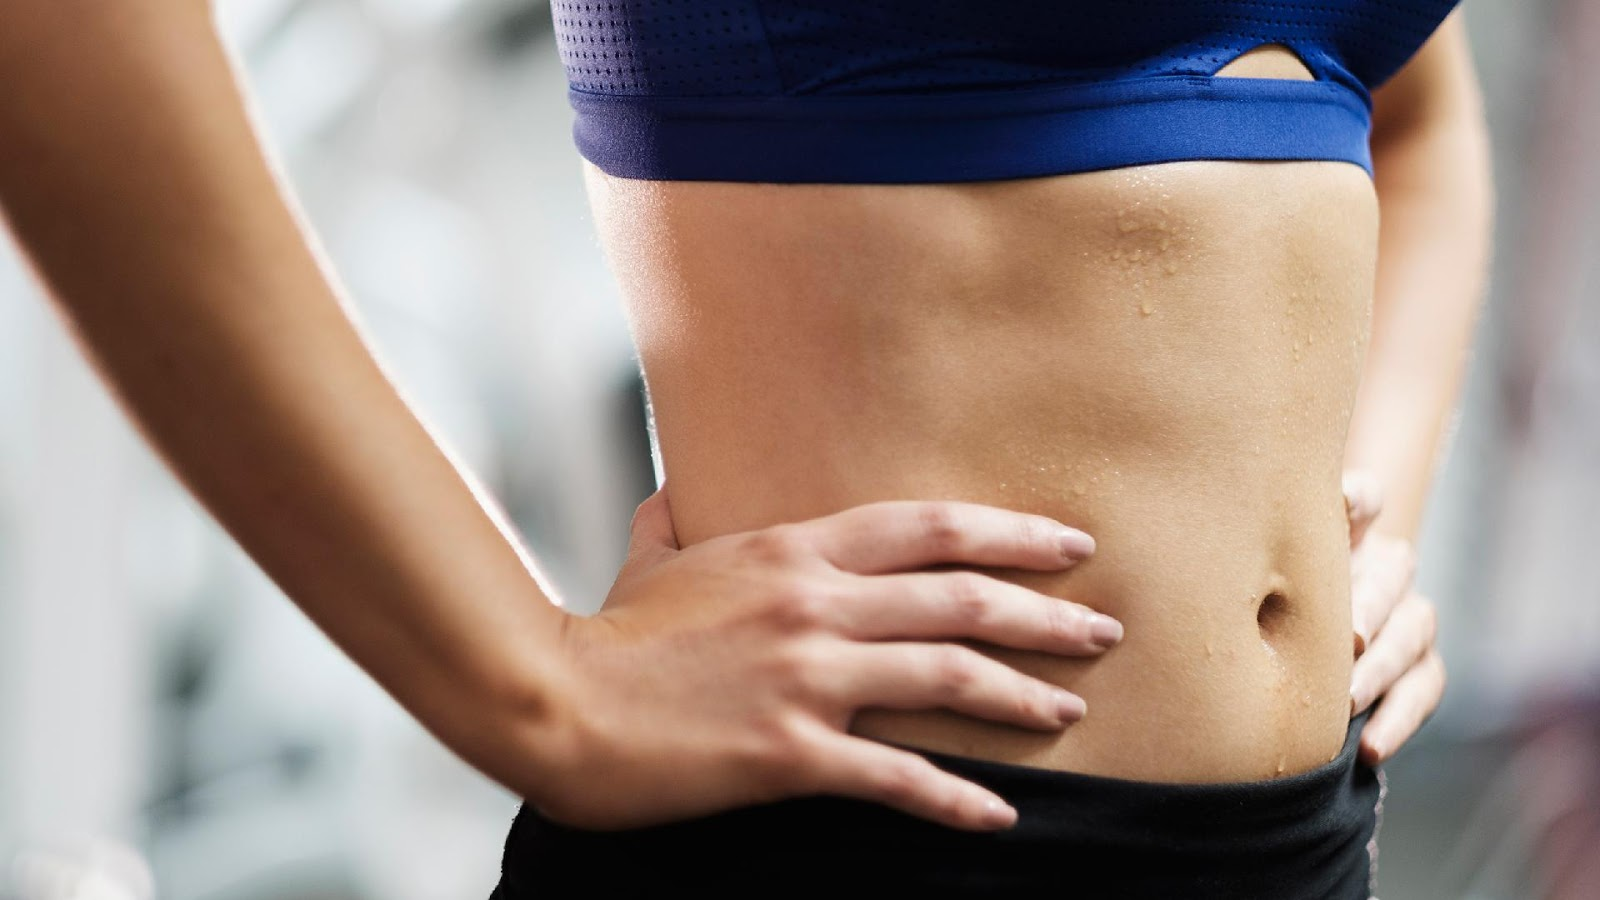 Lose weight ephedrine image 7